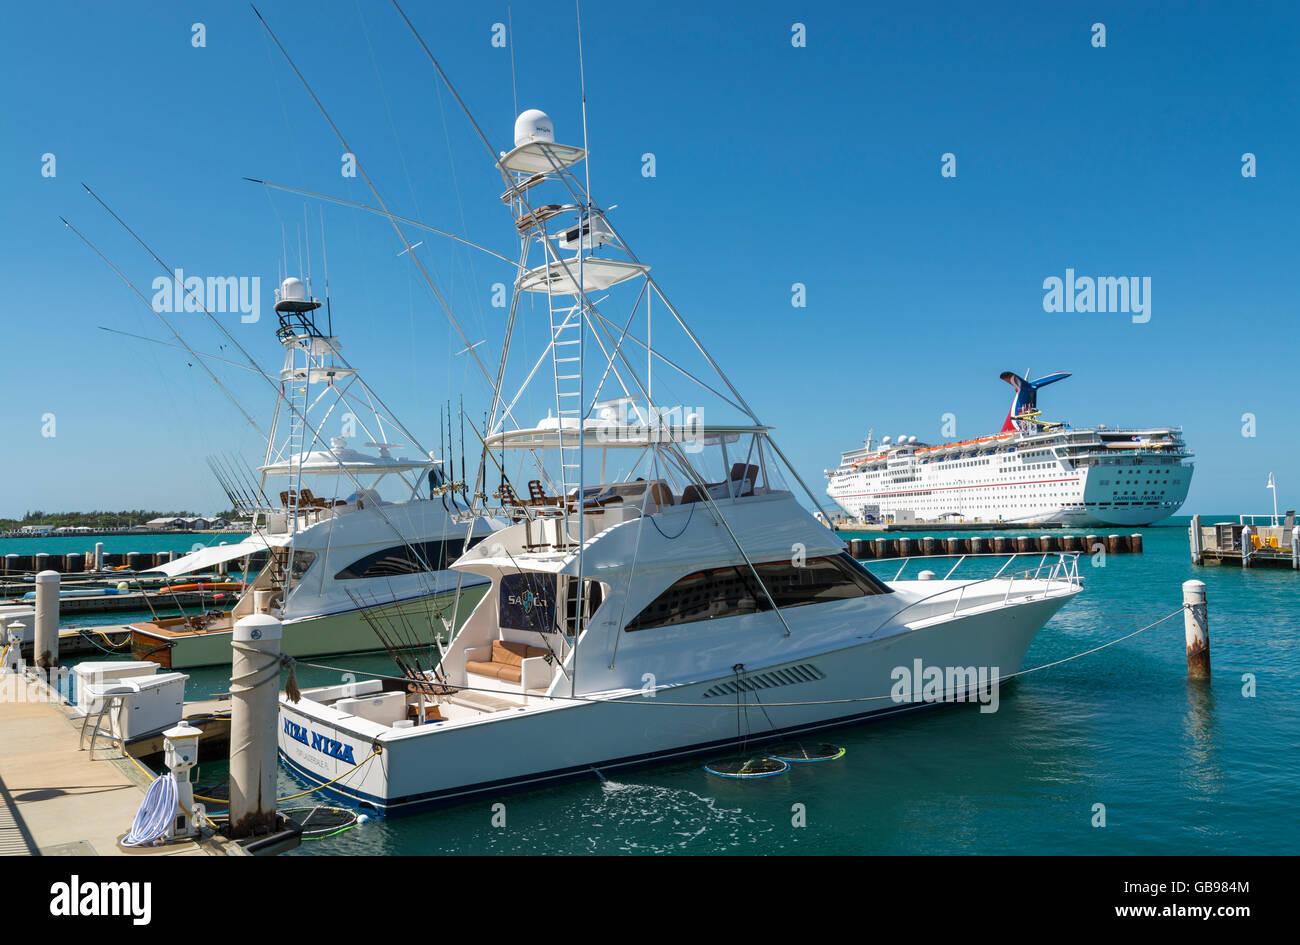 Florida, Key West, sport fishing boats, cruise ship - Stock Image